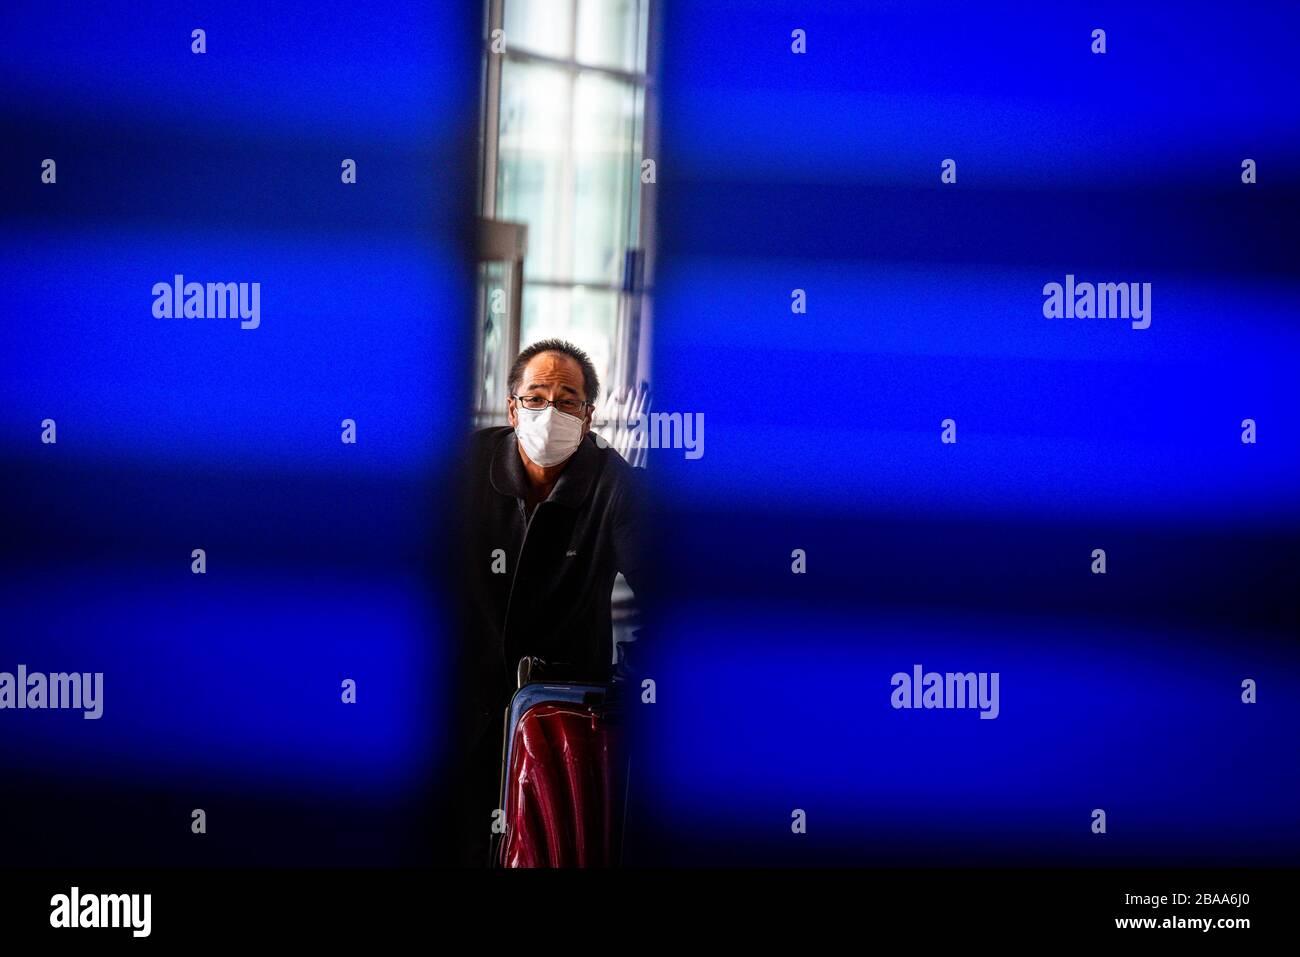 Barcelona, Spanien. März 2020. Ein Mann, der am 19. März 2020 eine Gesichtsmaske am Flughafen El Prat, Barcelona, ??Spanien trägt. Eine Reihe von Ausländern versuchen, in ihr Land zurückzukehren, bevor der Flughafen in den nächsten Tagen geschlossen wird. Spanien ist eines der Länder, die am stärksten vom Ausbruch des Coronavirus betroffen sind (Covid-19). (Foto von Adrià Salido Zarco/INA Photo Agency/Sipa USA) Credit: SIPA USA/Alamy Live News Stockfoto